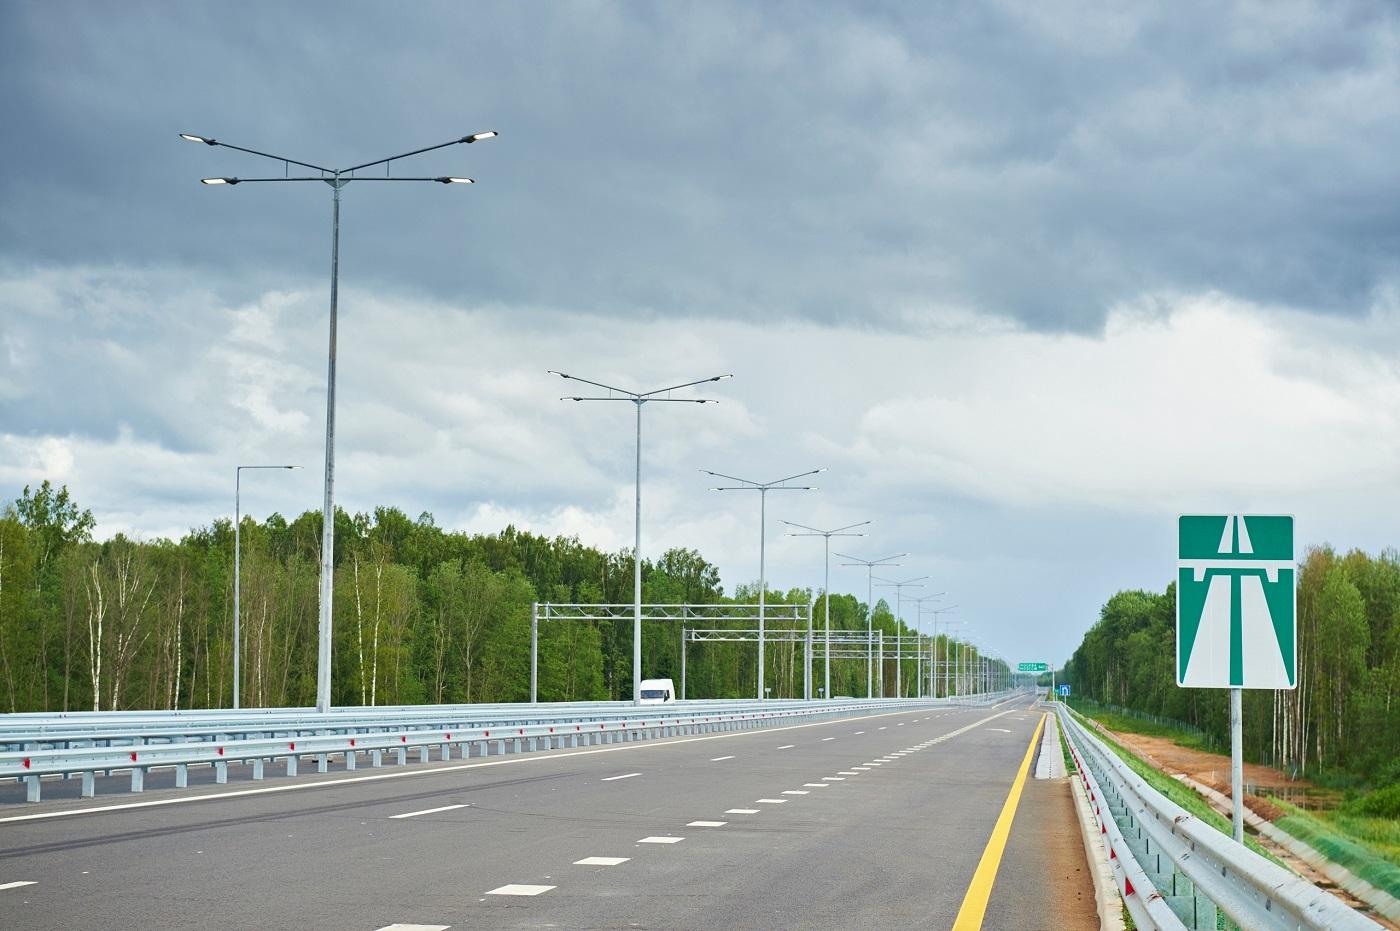 ГК «Автодор» продолжает конкурс по выбору названия для трассы М-11 «Москва-Санкт-Петербург»